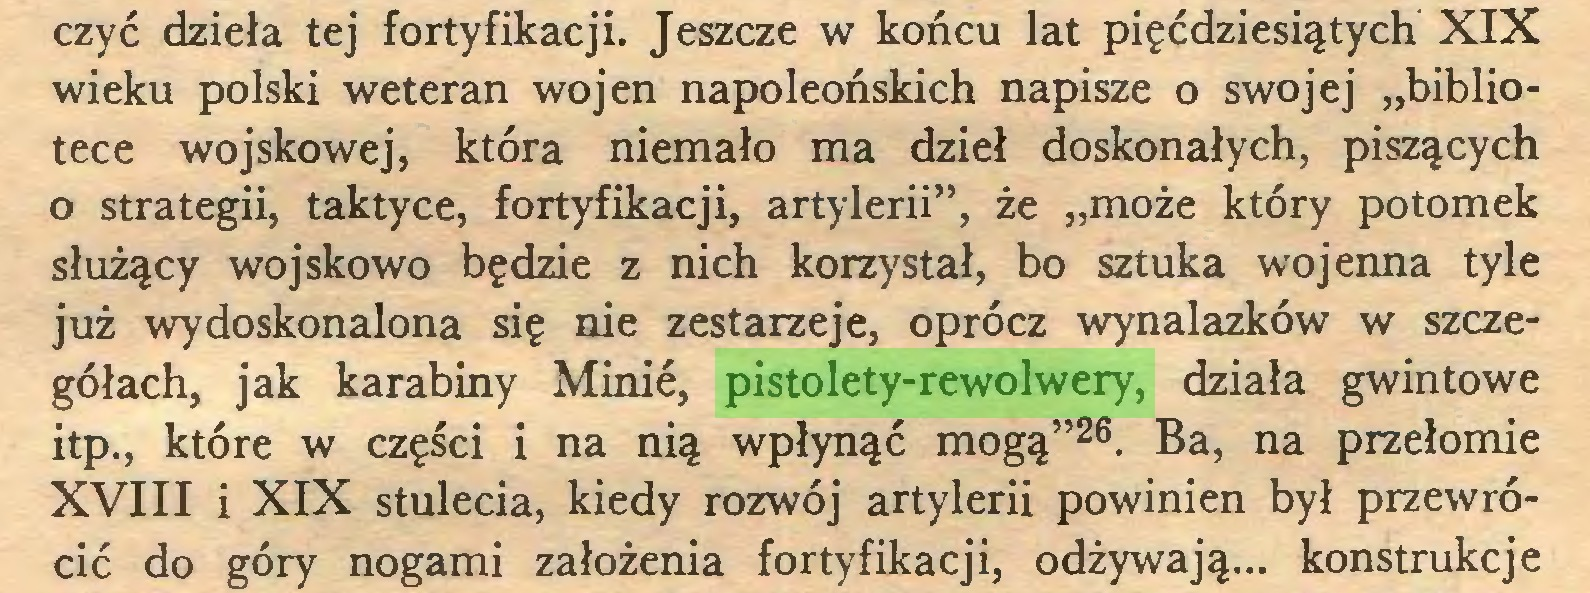 """(...) czyć dzieła tej fortyfikacji. Jeszcze w końcu lat pięćdziesiątych XIX wieku polski weteran wojen napoleońskich napisze o swojej """"bibliotece wojskowej, która niemało ma dzieł doskonałych, piszących o strategii, taktyce, fortyfikacji, artylerii"""", że """"może który potomek służący wojskowo będzie z nich korzystał, bo sztuka wojenna tyle już wydoskonalona się nie zestarzeje, oprócz wynalazków w szczegółach, jak karabiny Minie, pistolety-rewolwery, działa gwintowe itp., które w części i na nią wpłynąć mogą""""26. Ba, na przełomie XVIII i XIX stulecia, kiedy rozwój artylerii powinien był przewrócić do góry nogami założenia fortyfikacji, odżywają... konstrukcje..."""